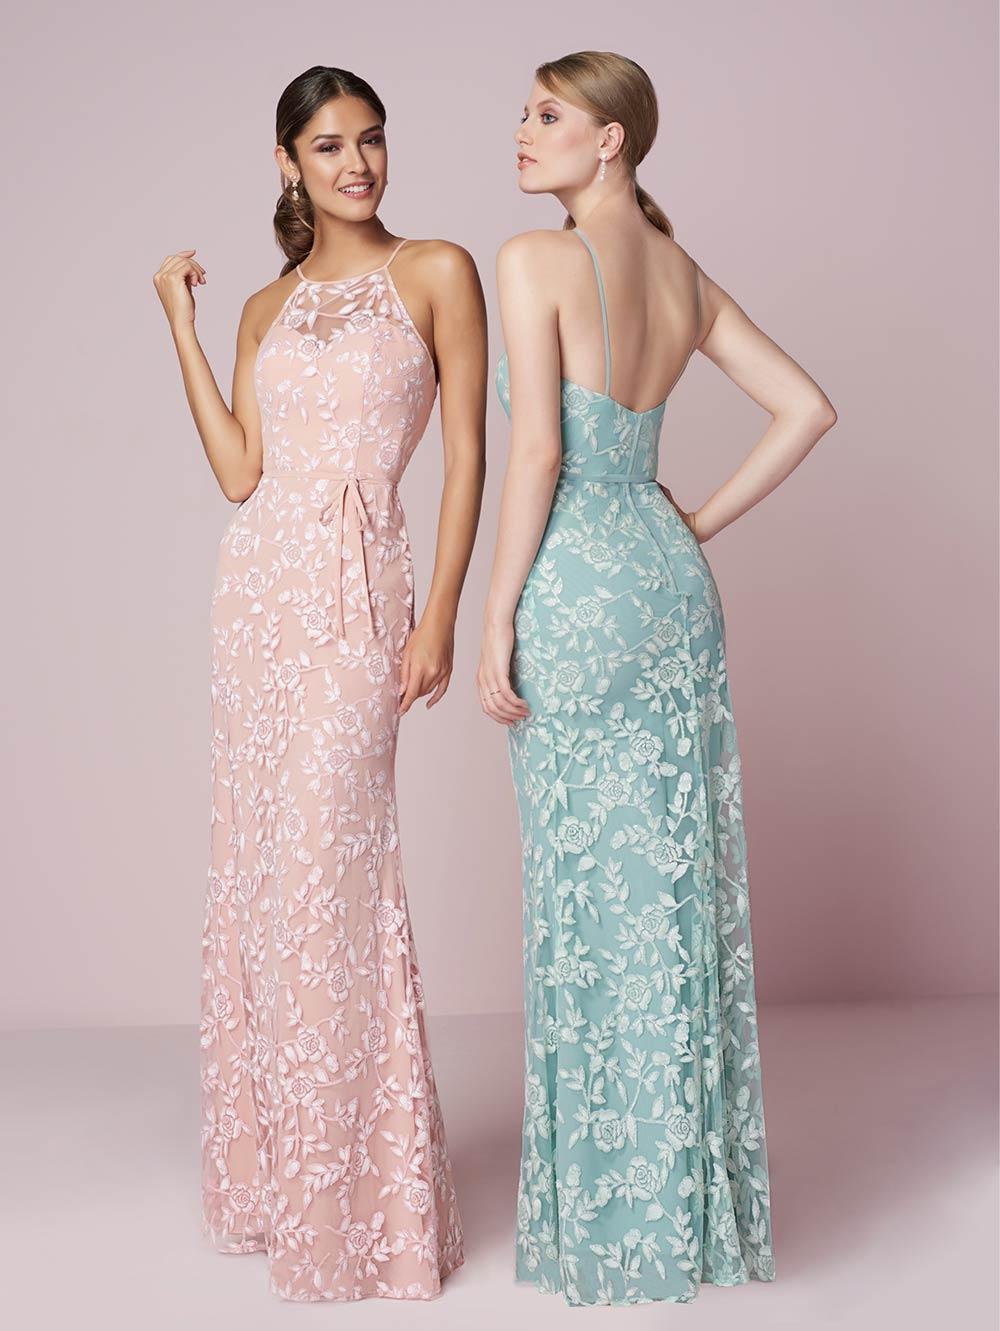 bridesmaid-dresses-jacquelin-bridals-canada-27782